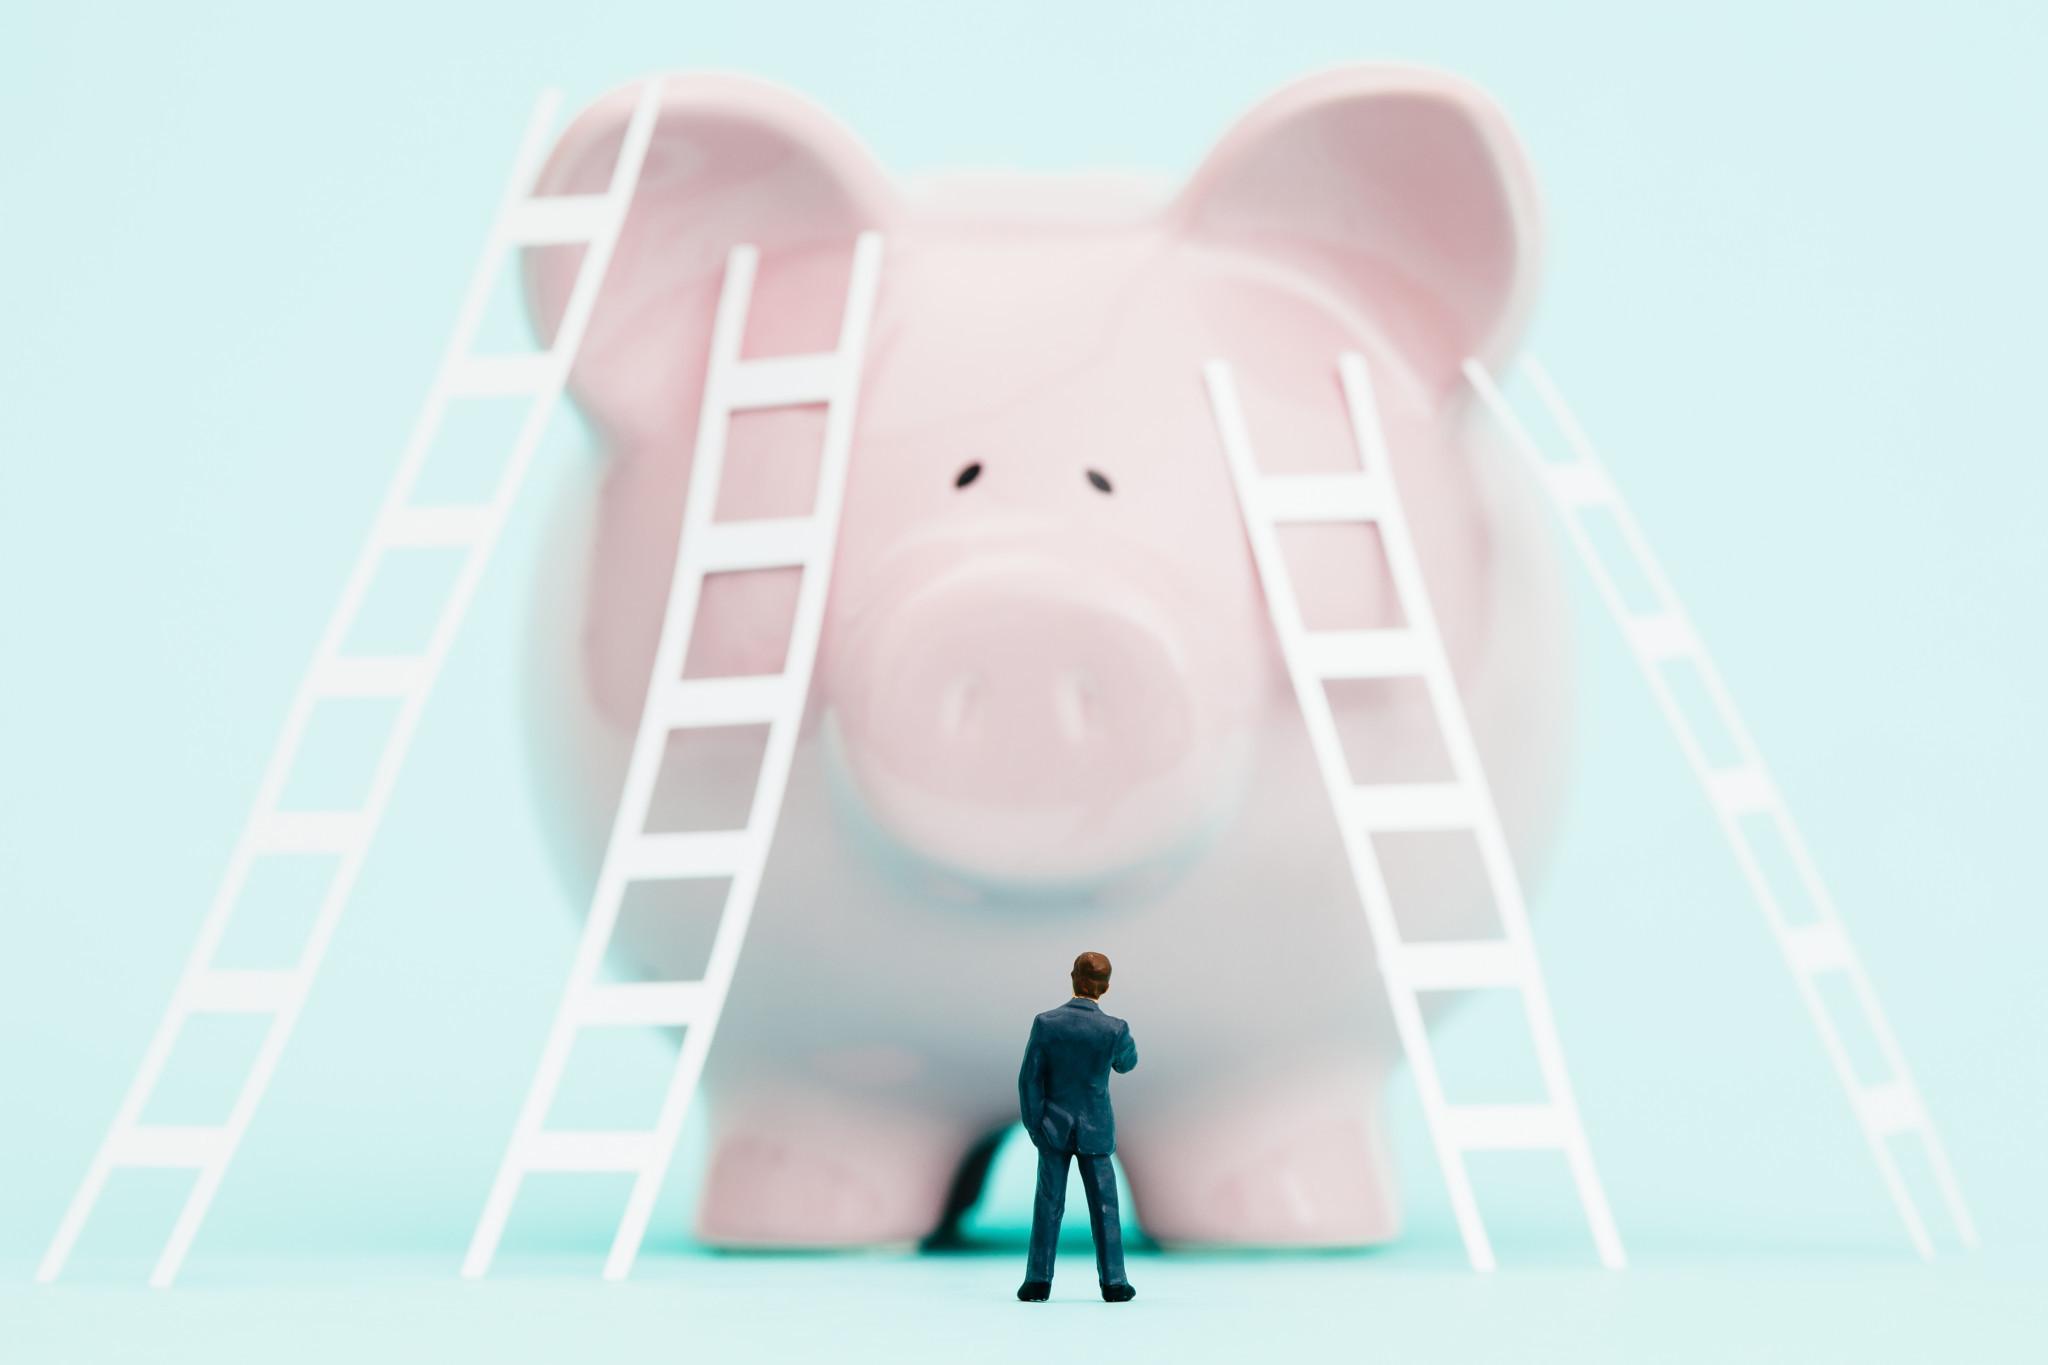 Где взять деньги на развитие бизнеса: 8 идей